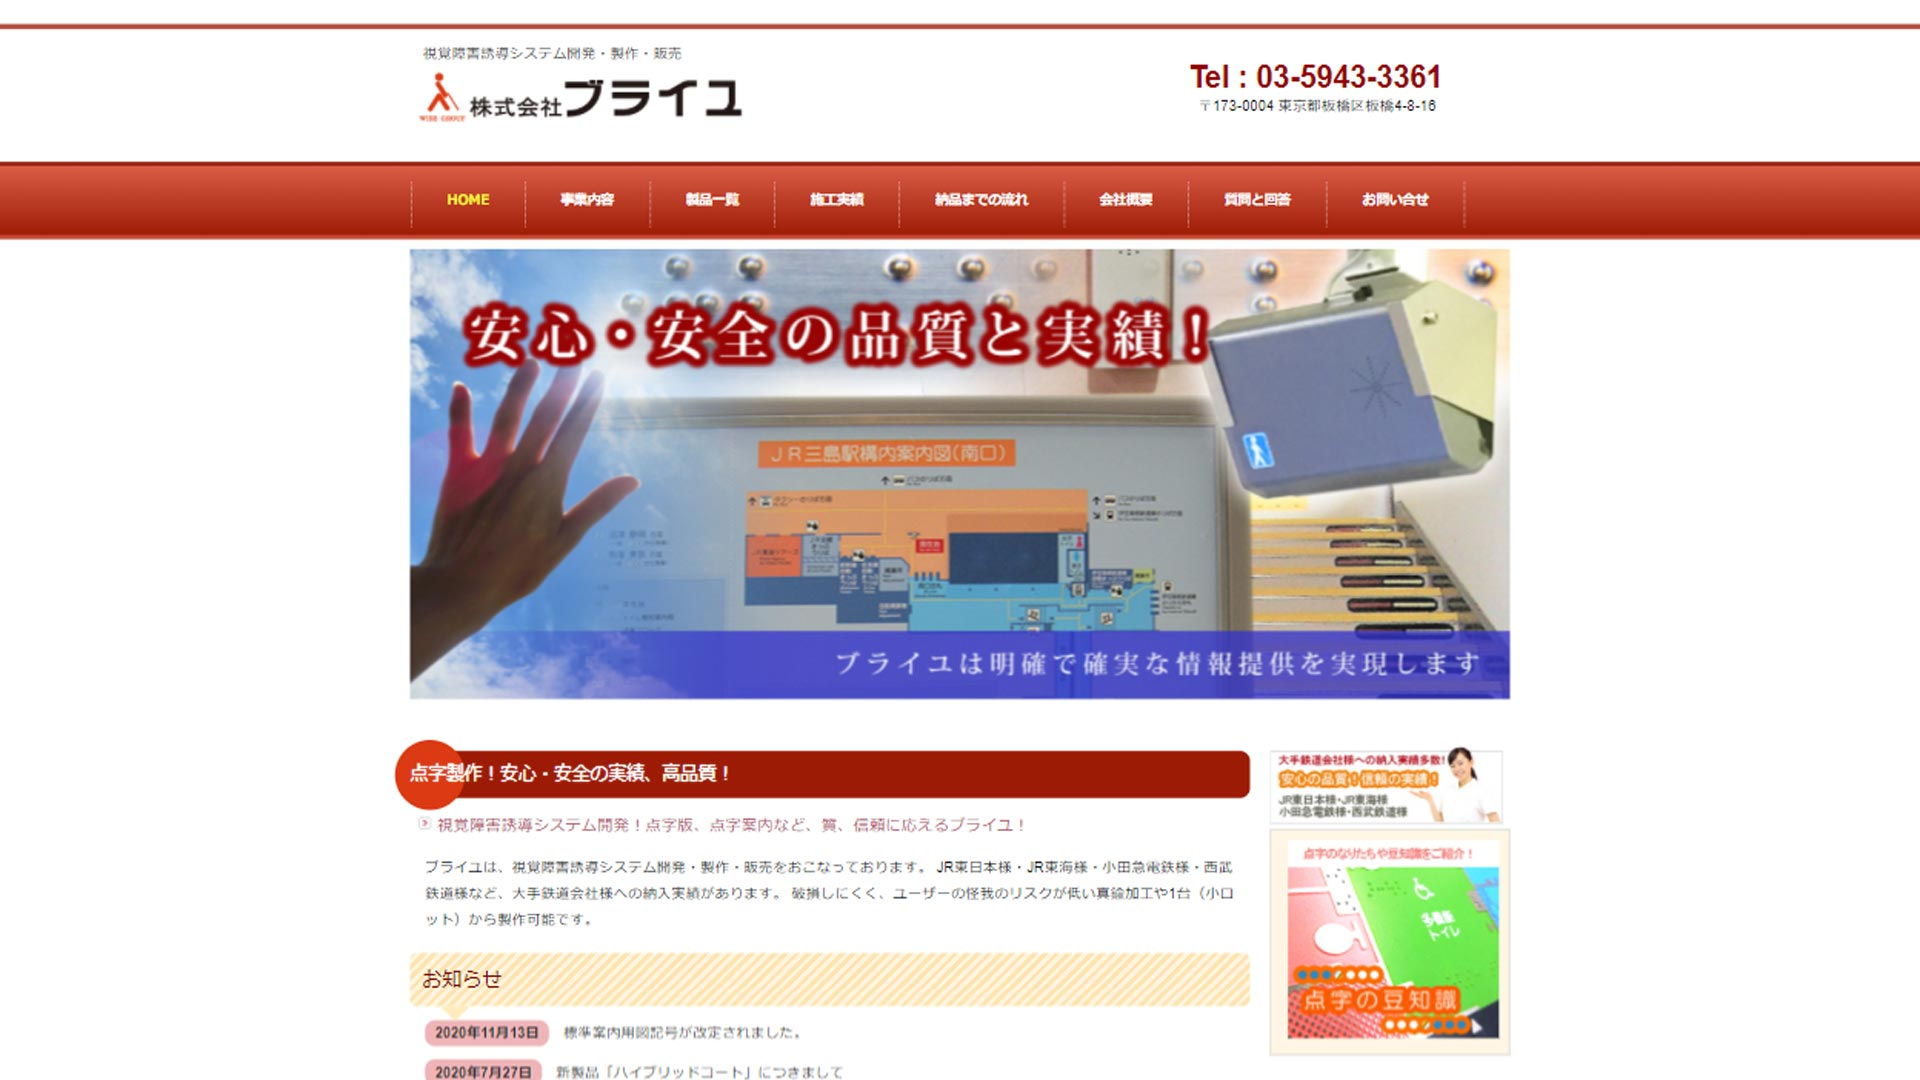 株式会社ブライユ ホームページ   ワイズ関西 グループ企業